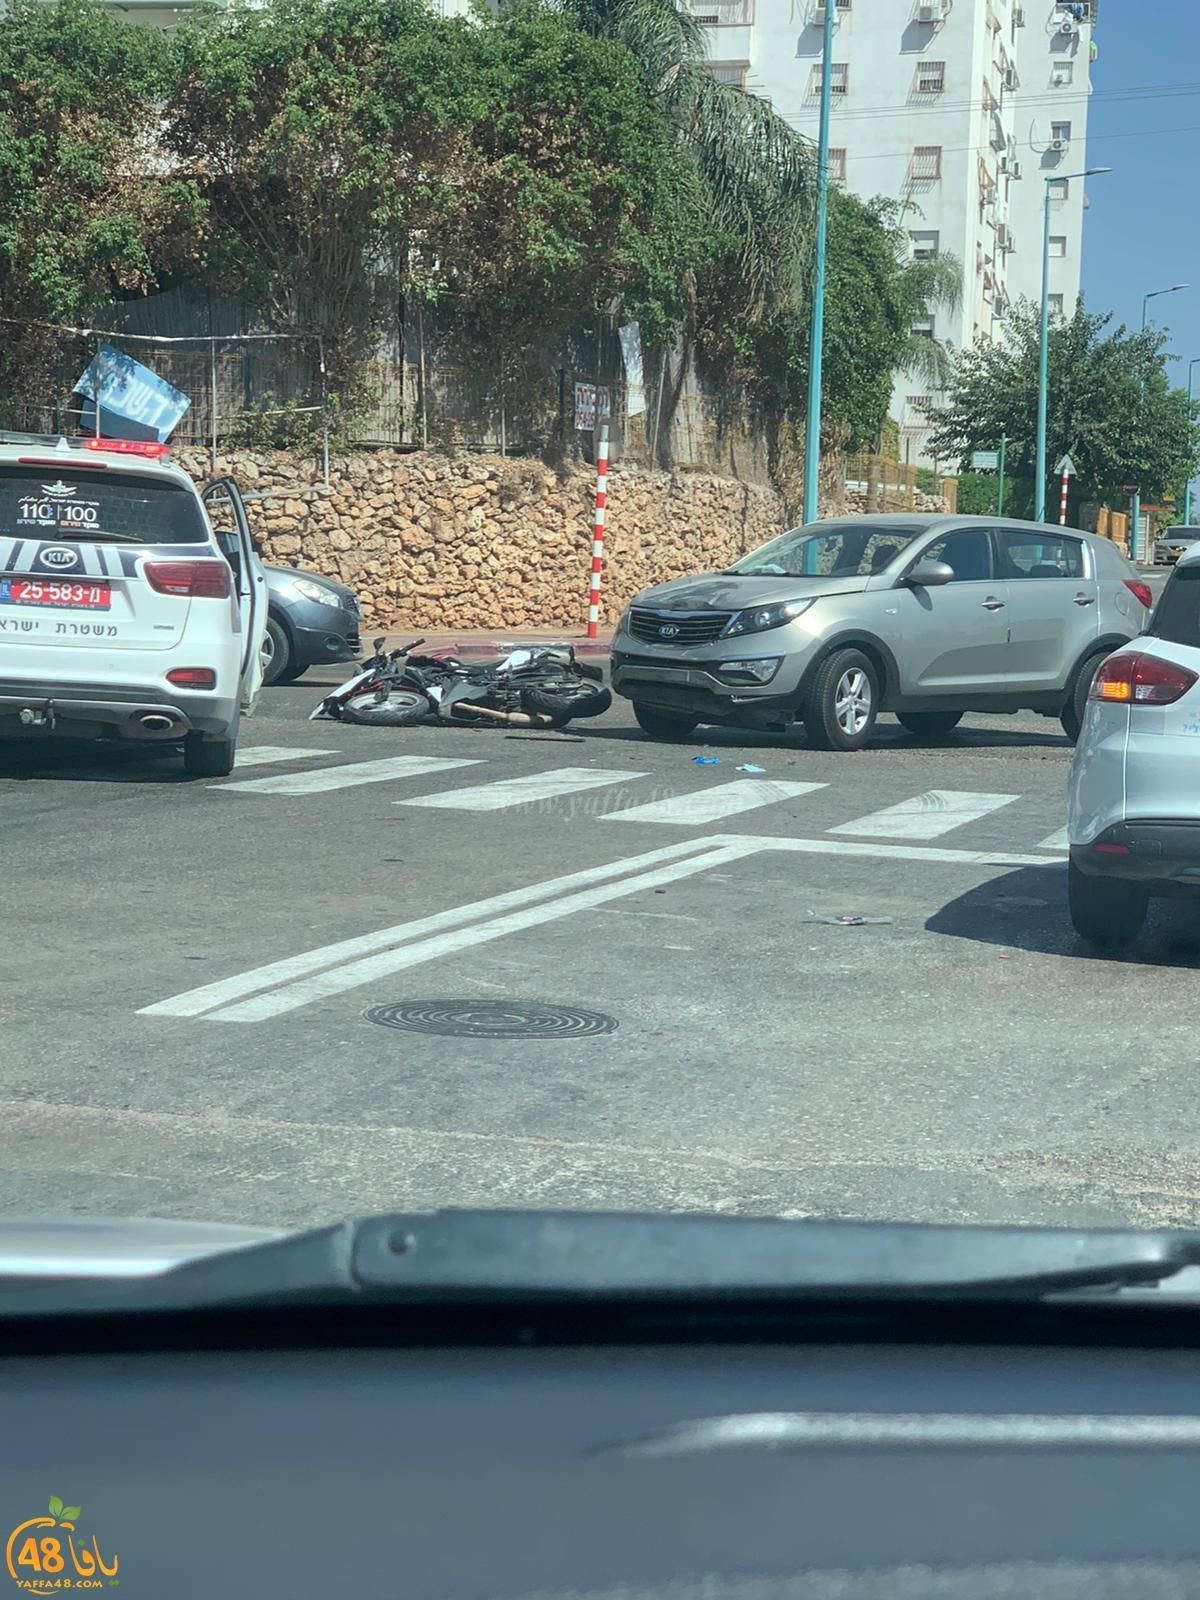 اللد: إصابة متوسطة لراكب دراجة نارية بحادث طرق